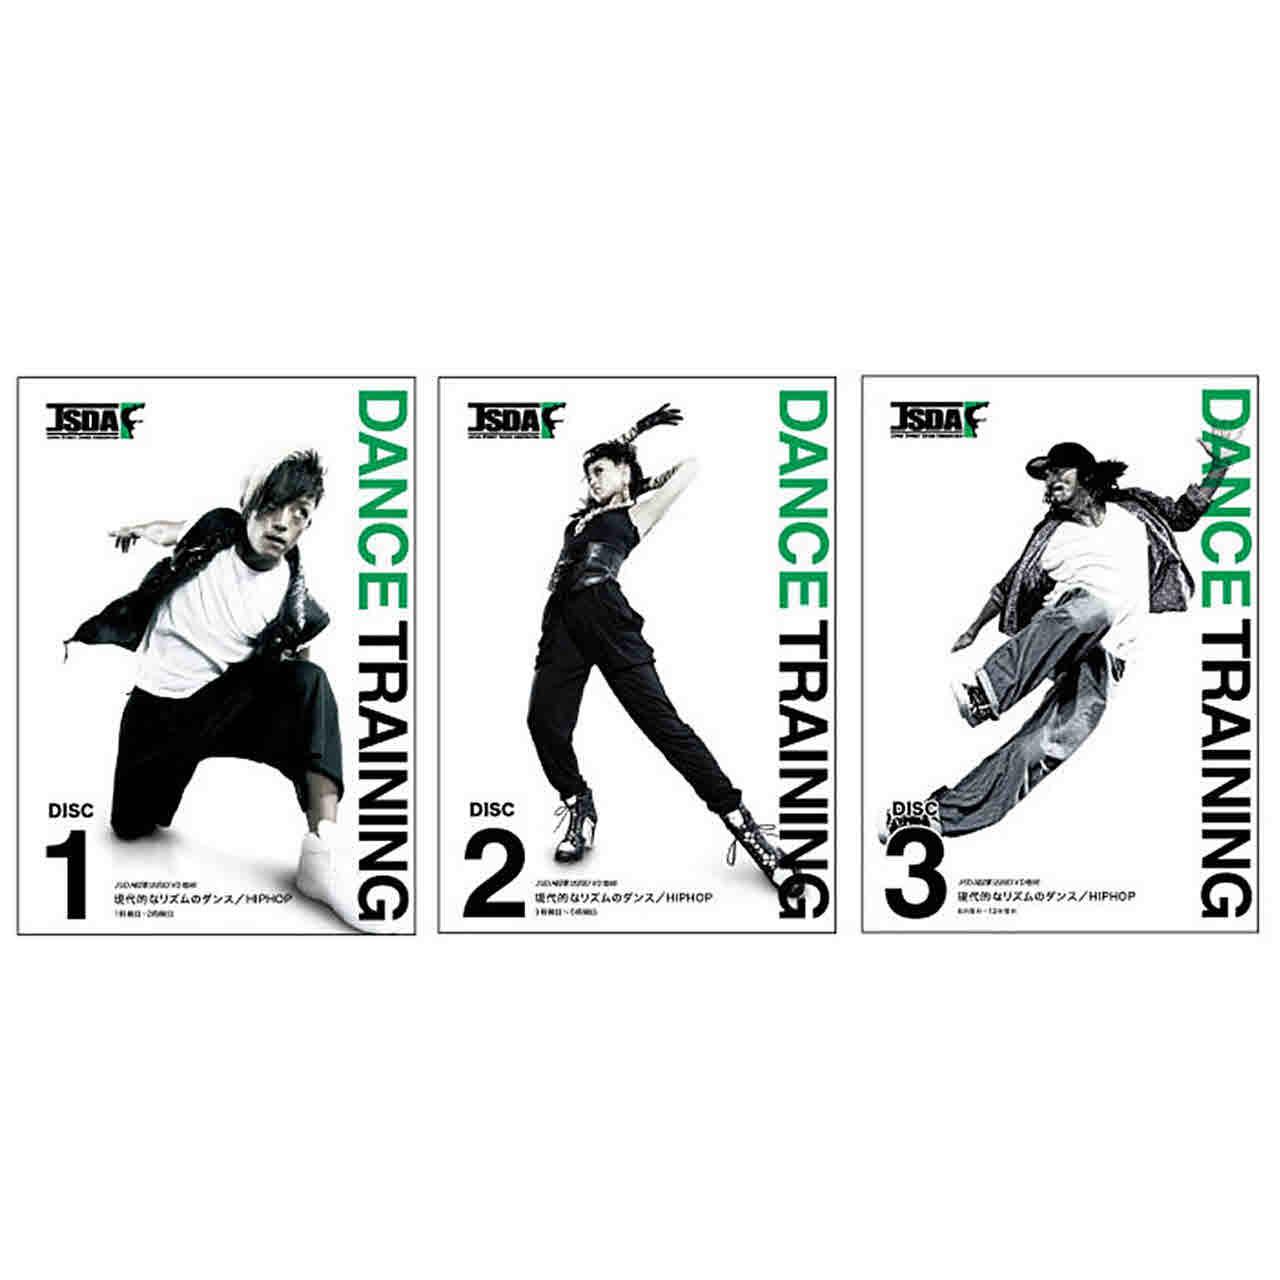 エバニュー レクリエーション用品 レクリエーションスポーツ その他 DVD ダンス授業 EVERNEW ETE077